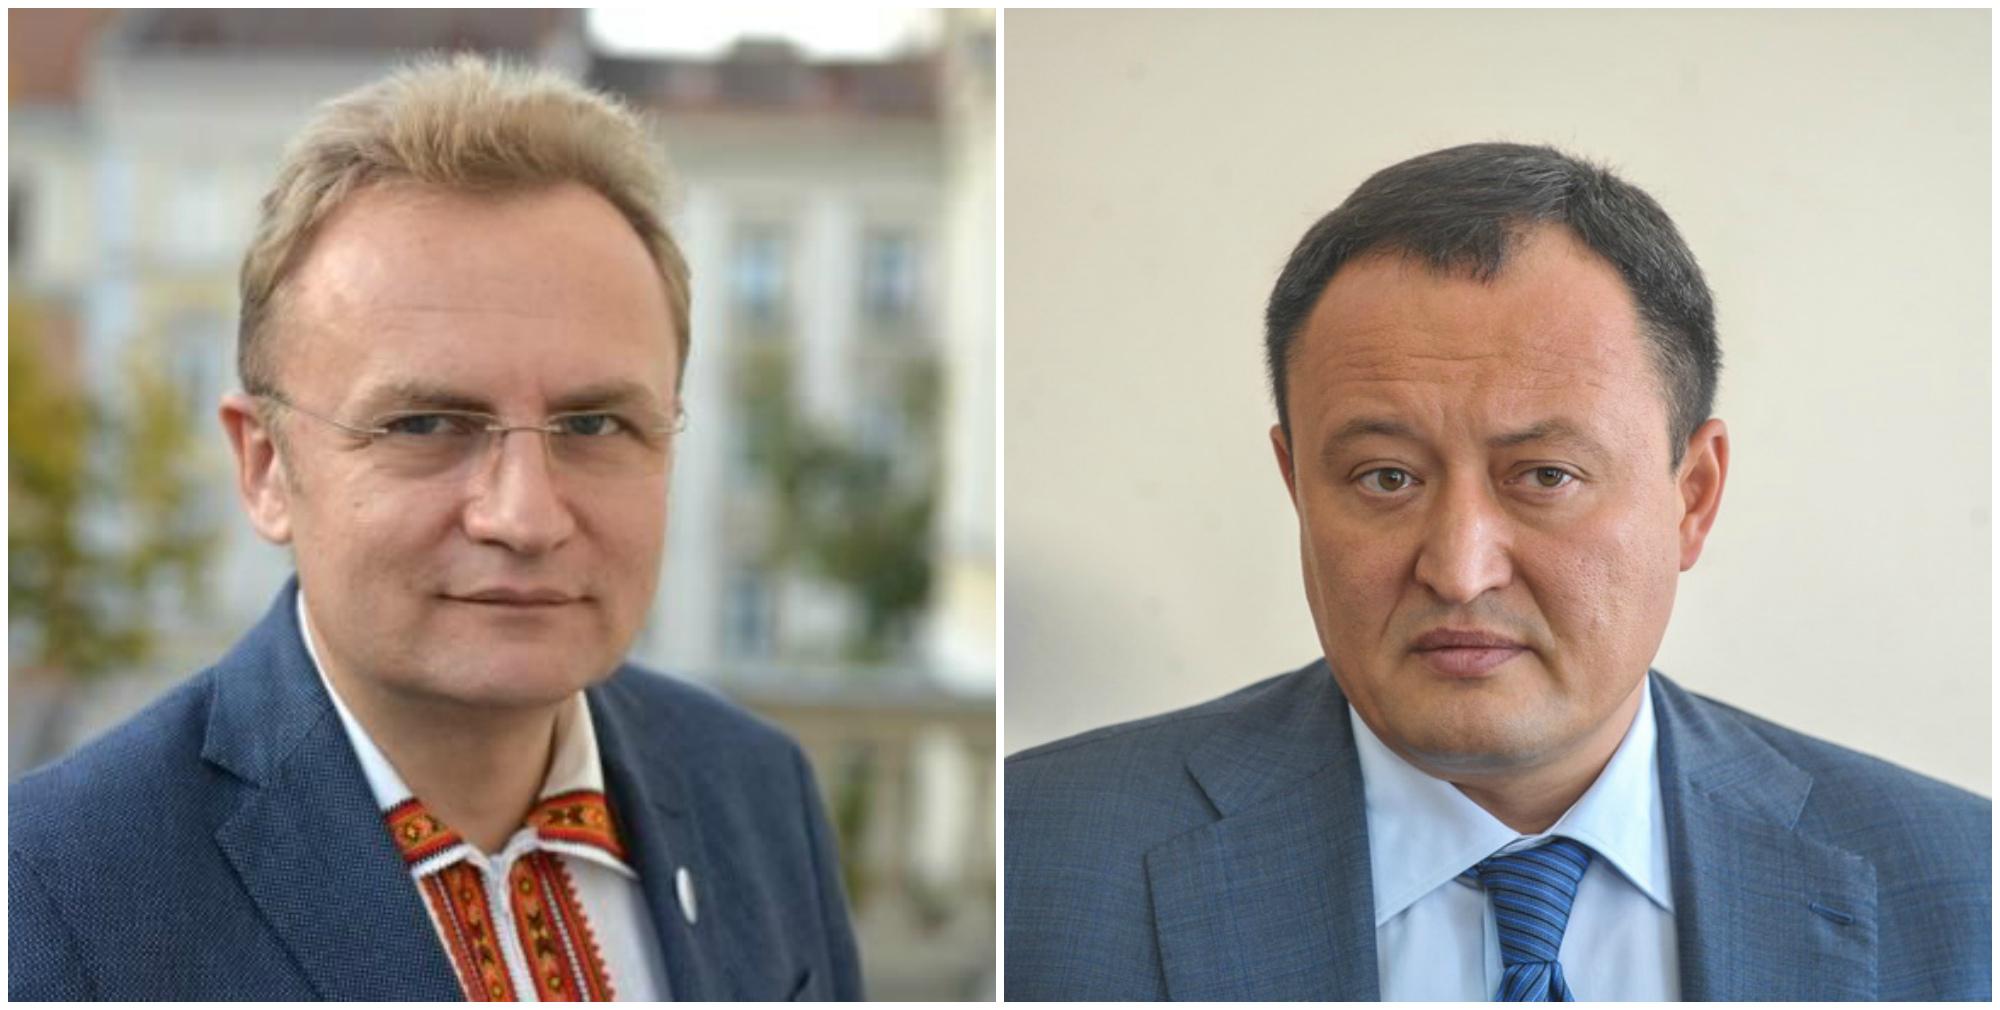 Мэр Львова Андрей Садовой ответил на обвинения запорожского губернатора по поводу своей причастности к журналистским расследованиям